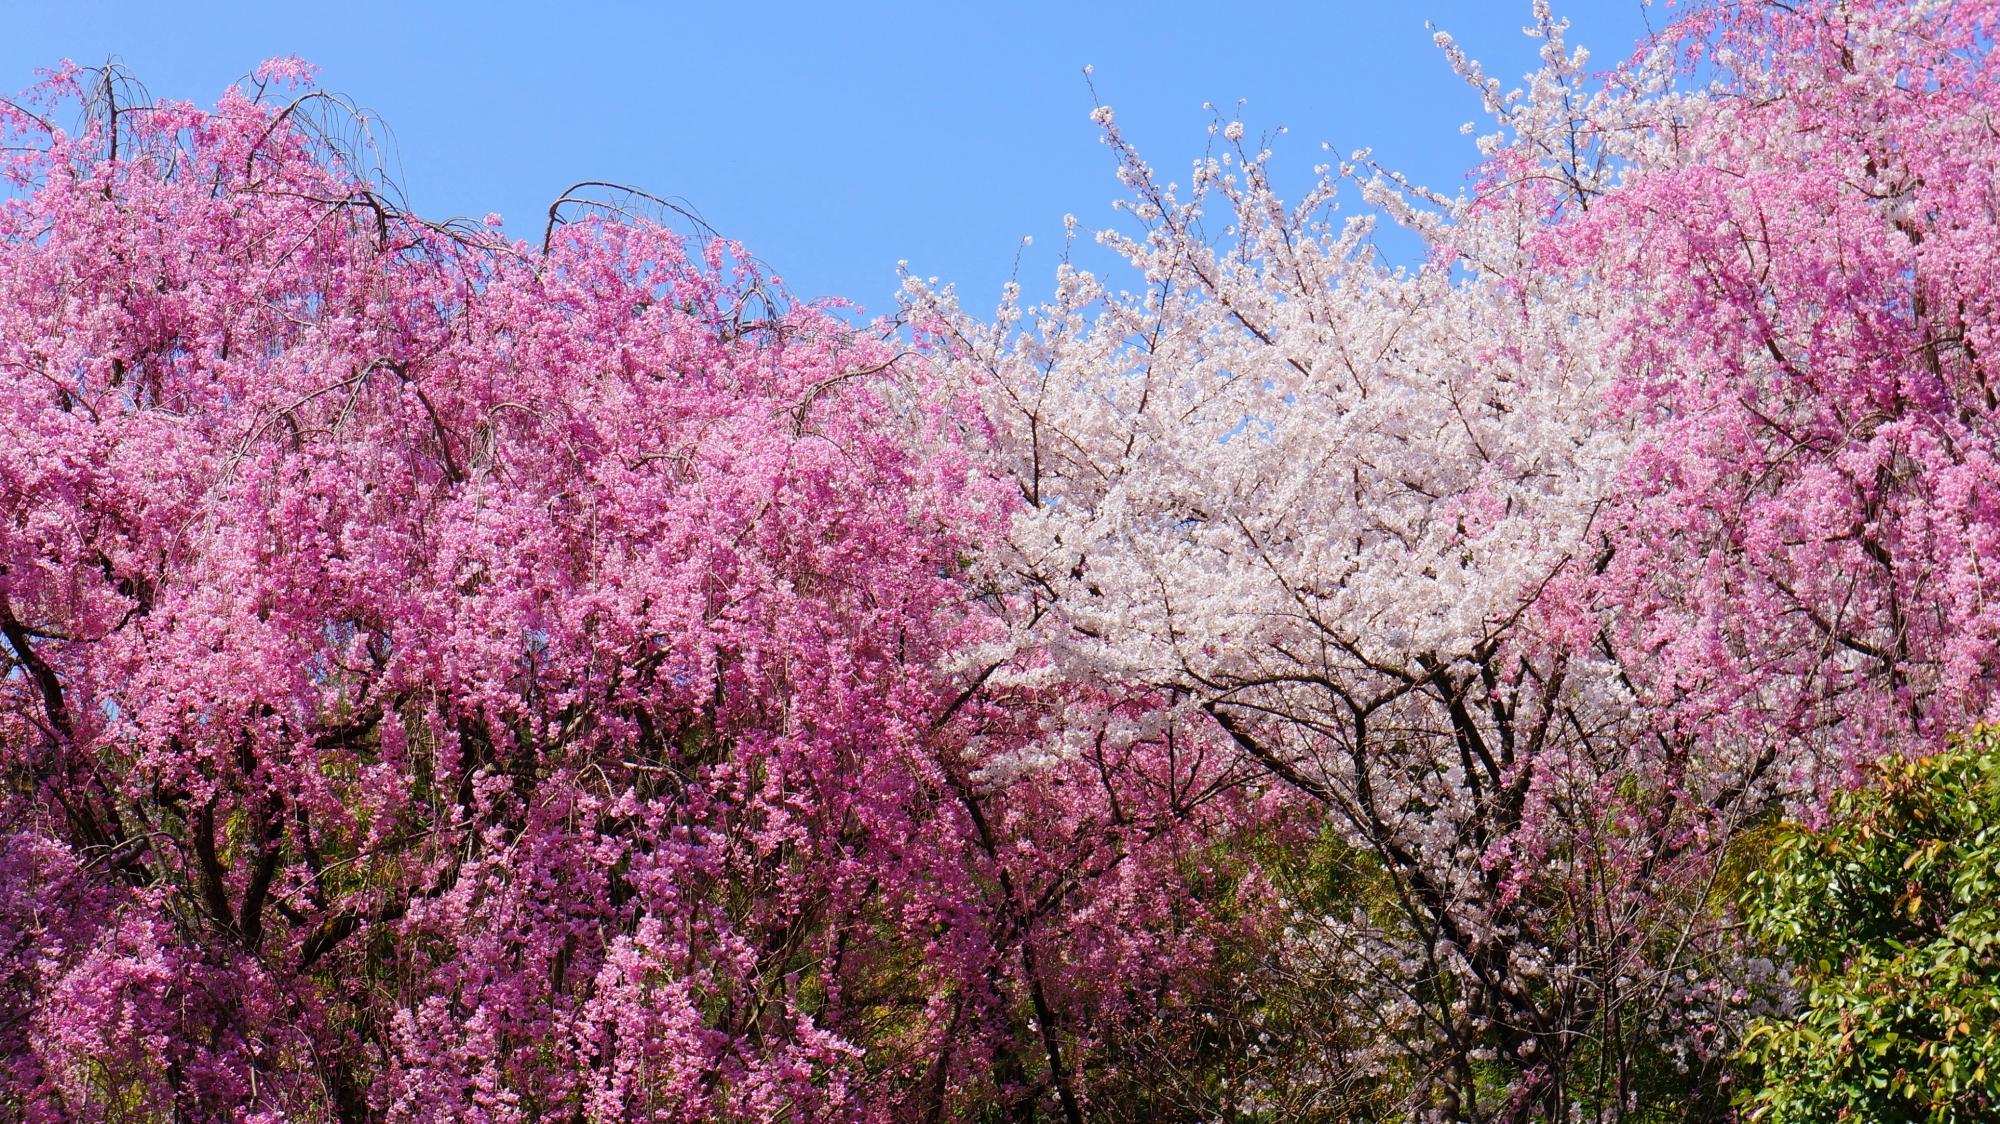 花をいっぱいつけて咲き乱れるピンクのしだれ桜と白いソメイヨシノ